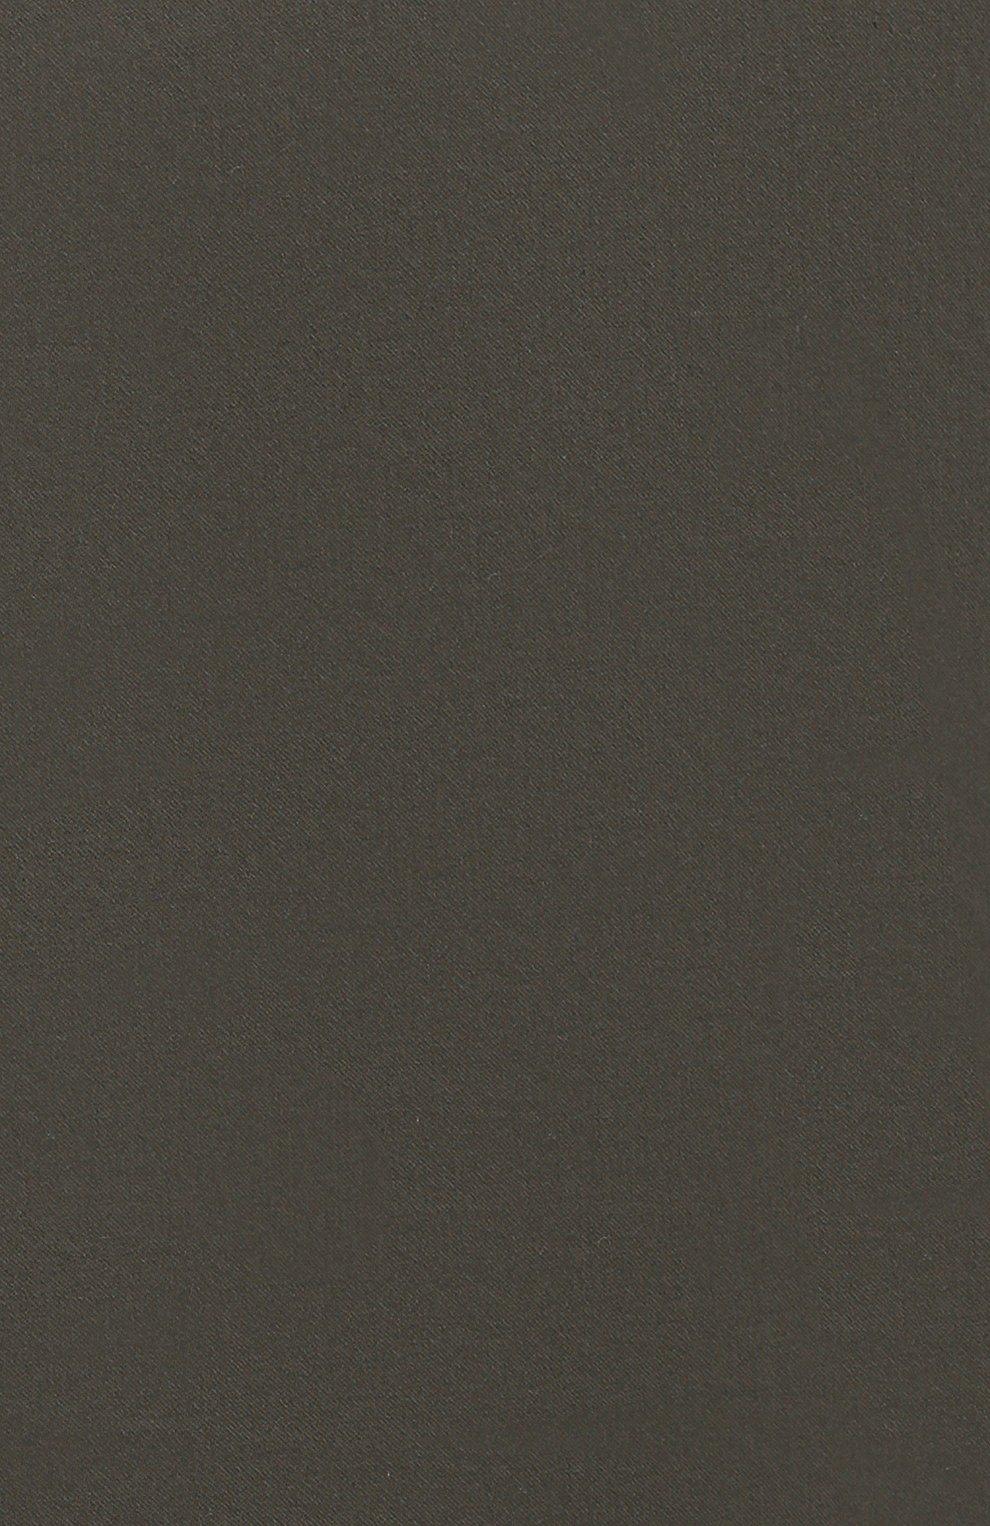 Мужские шорты из хлопка и шелка PAUL&SHARK хаки цвета, арт. 21414116/FIZ/62-64 | Фото 5